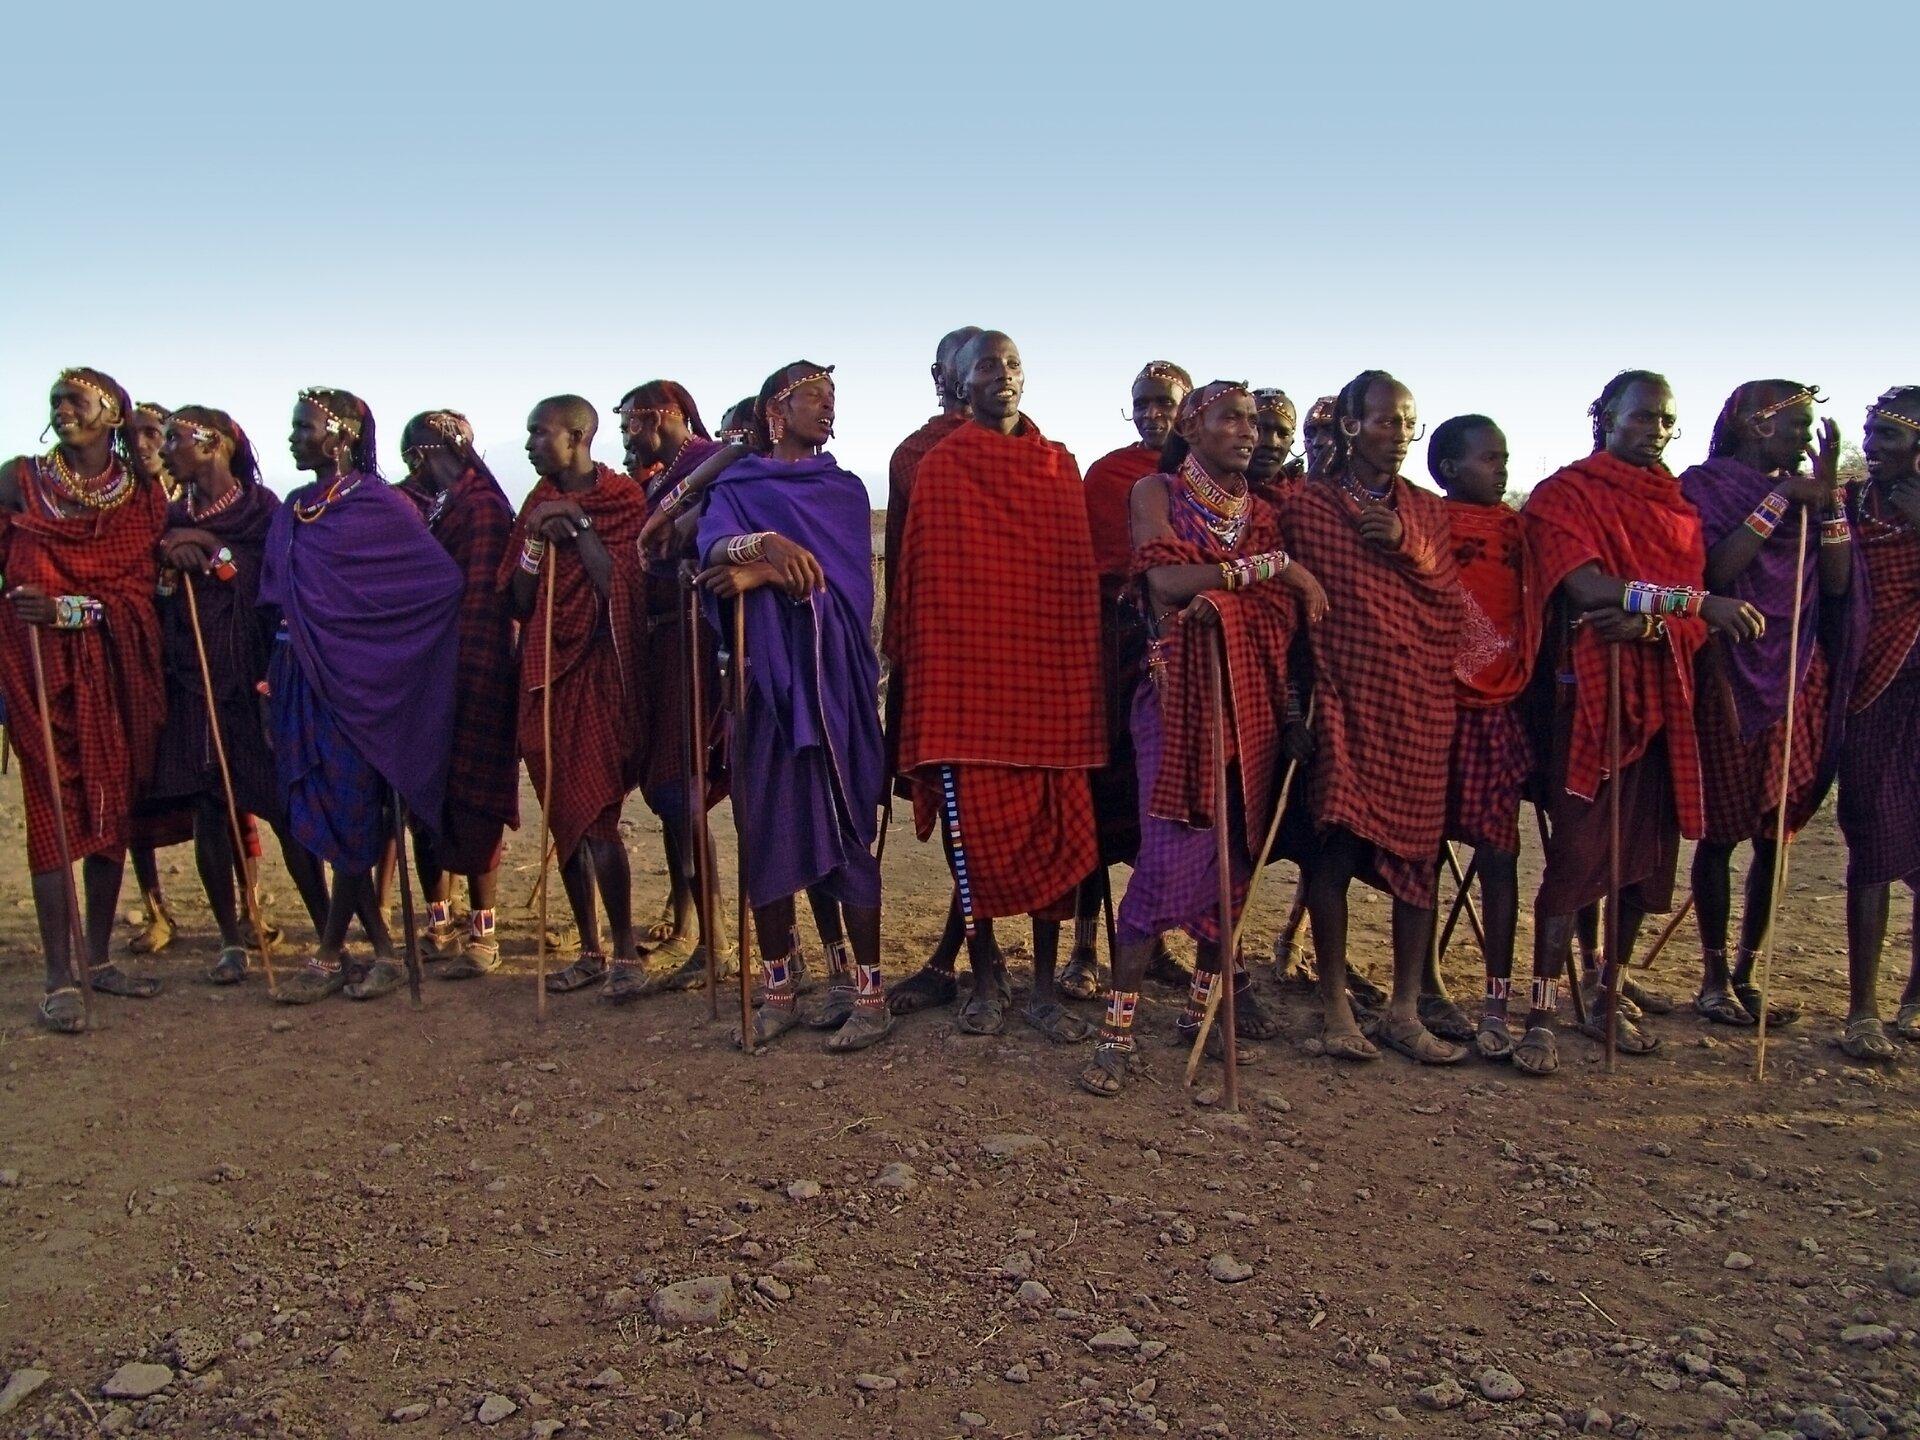 Fotografia przedstawia grupę masajskich wojowników. Mężczyźni mają ciemną skórę, są owinięci kolorowymi tkaninami – brązowymi, czerwonymi, wkratę. Wielu trzyma wrękach kije lub opiera się na nich. Mają pomalowane twarze iozdoby na krótkich włosach. Na nogach sandały iopaski. Ludzie ci są uśmiechnięci, rozmawiają ze sobą.